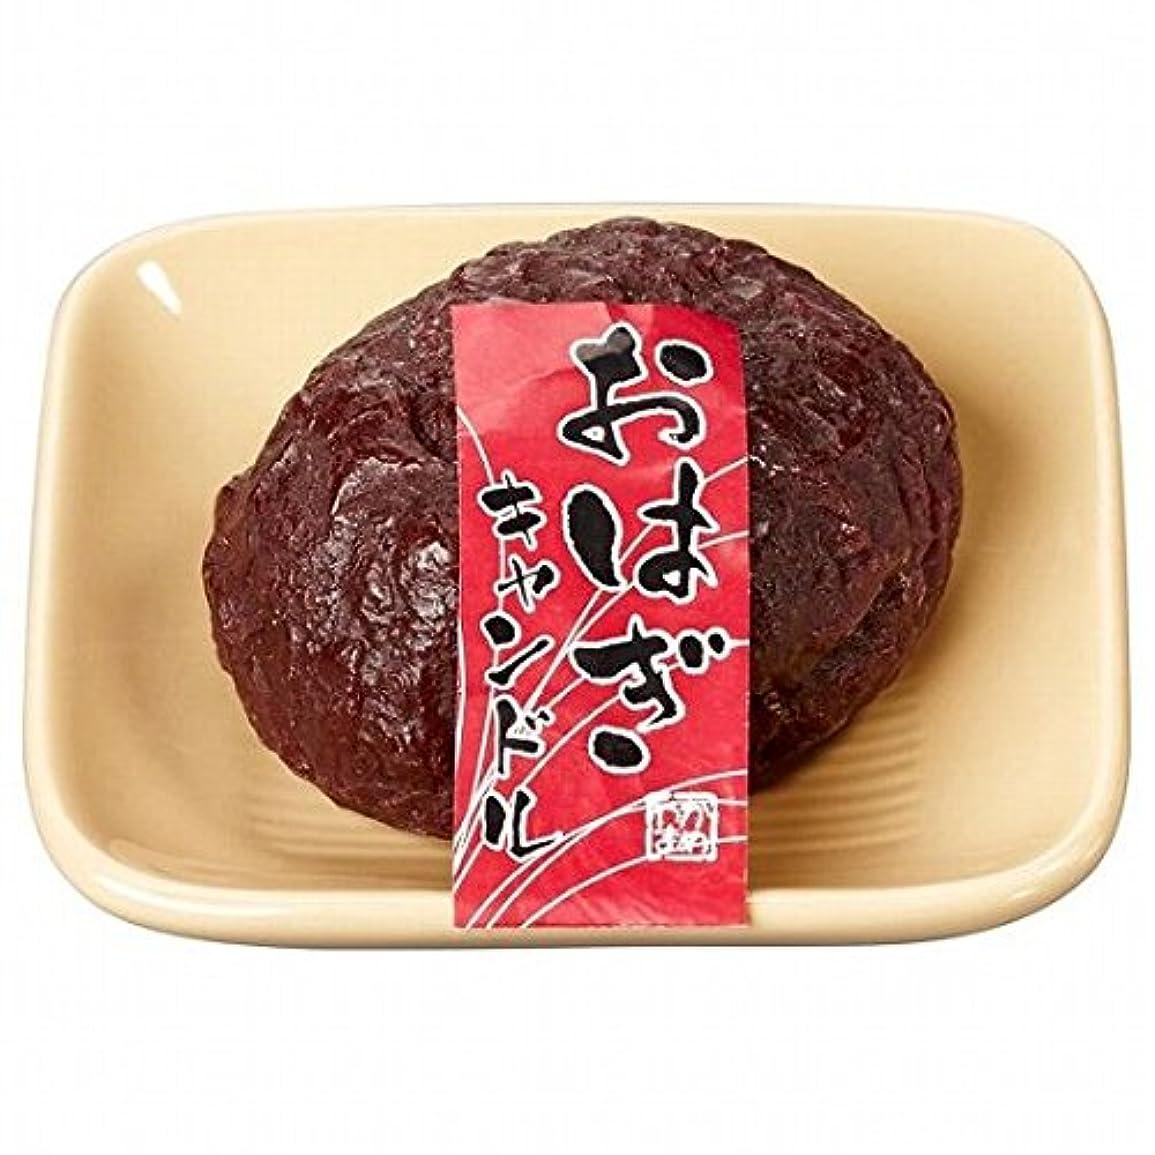 側溝害スキルkameyama candle(カメヤマキャンドル) おはぎキャンドル(86430000)